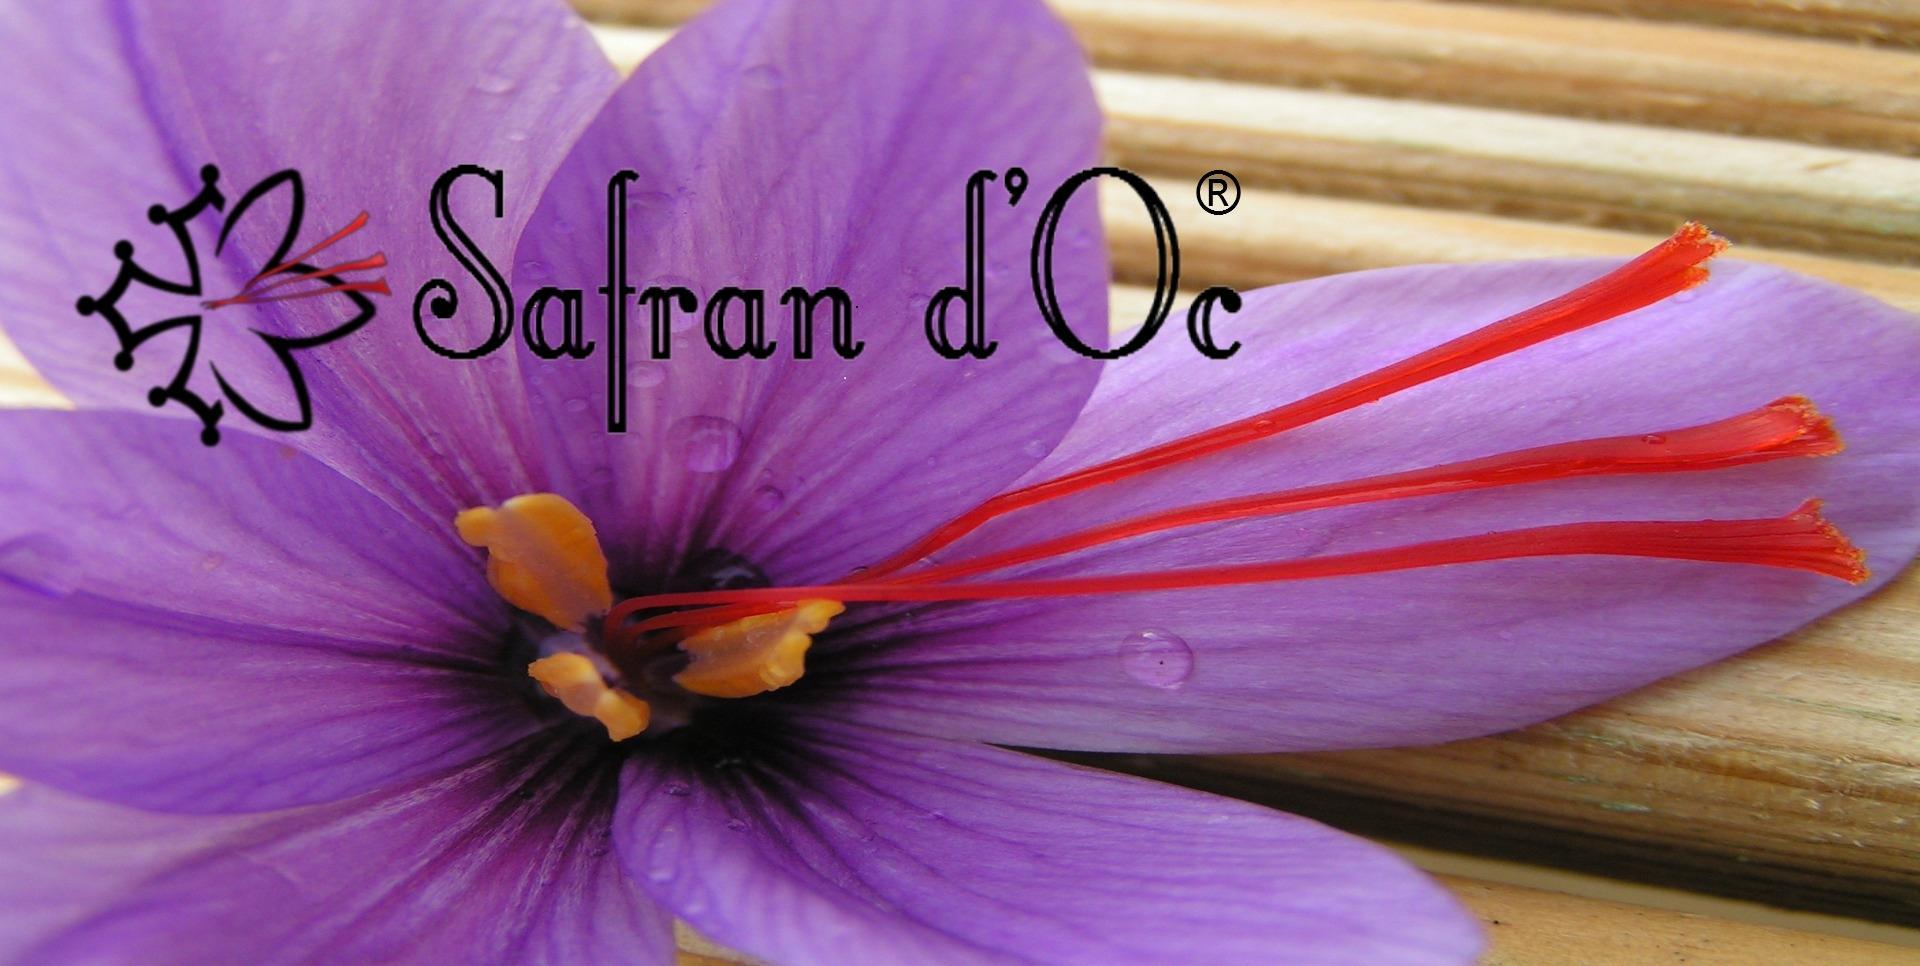 Safran d'Oc